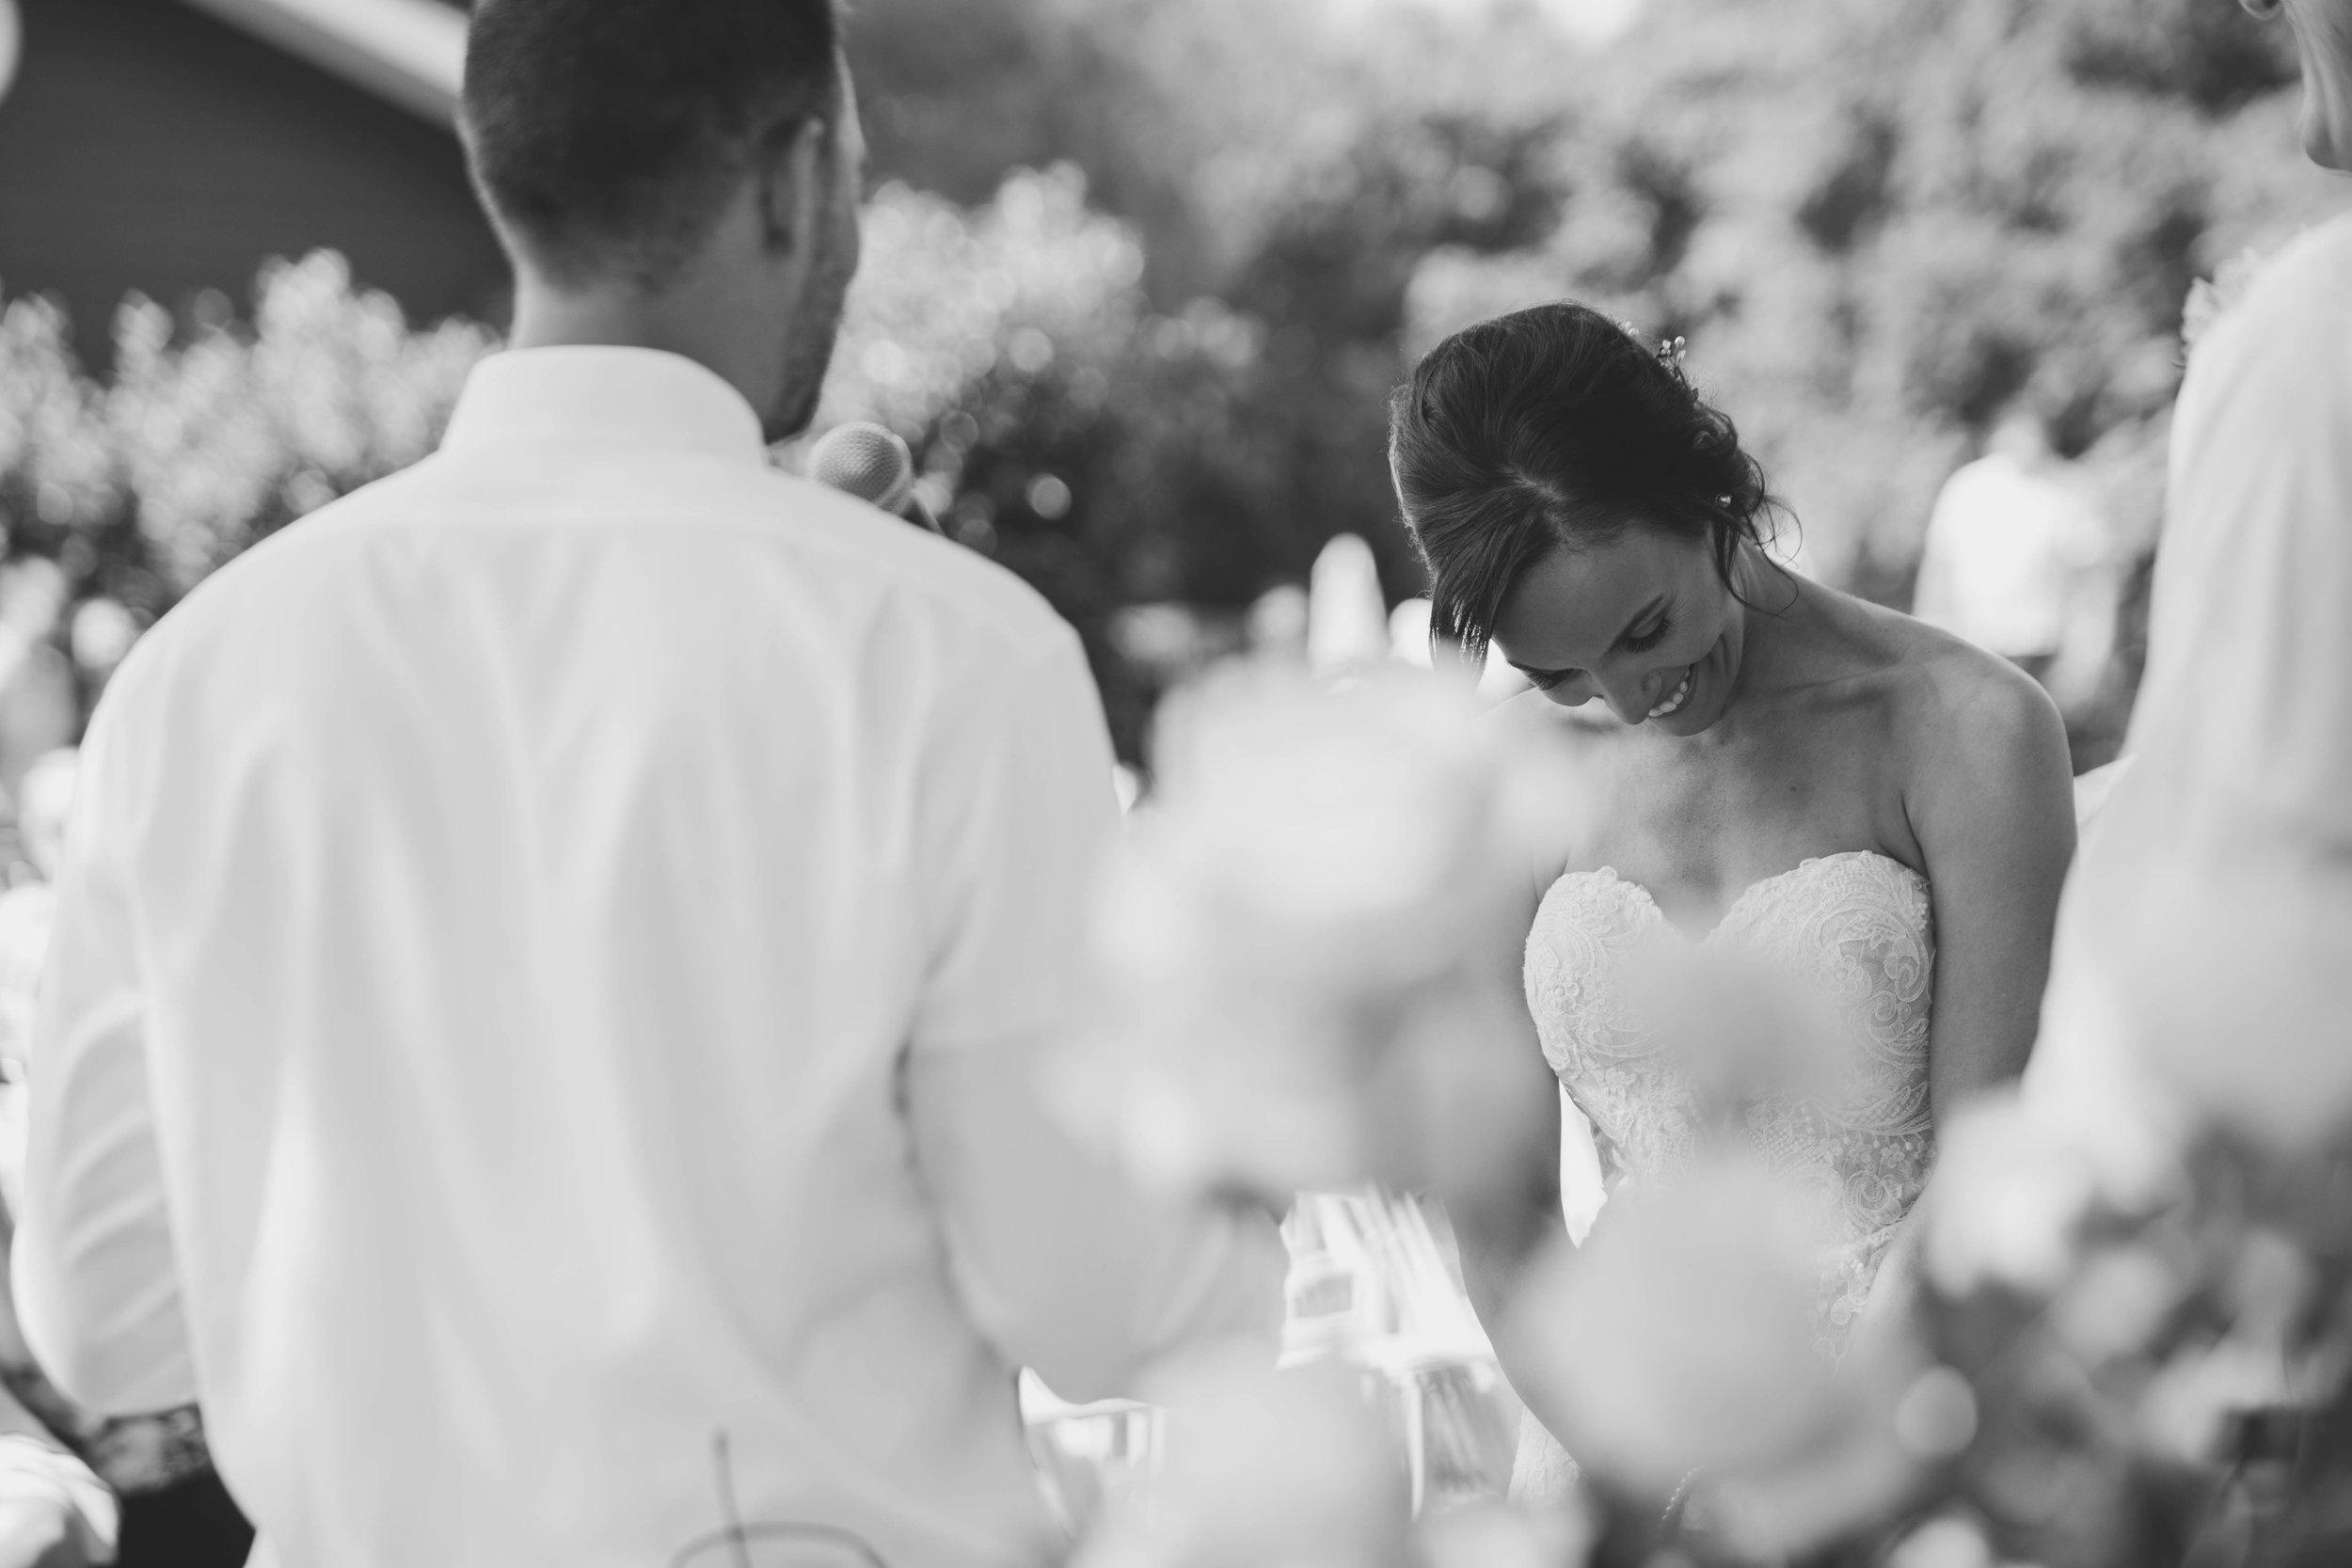 ATGI_Susanna & Matt Wedding_717A7758.jpg